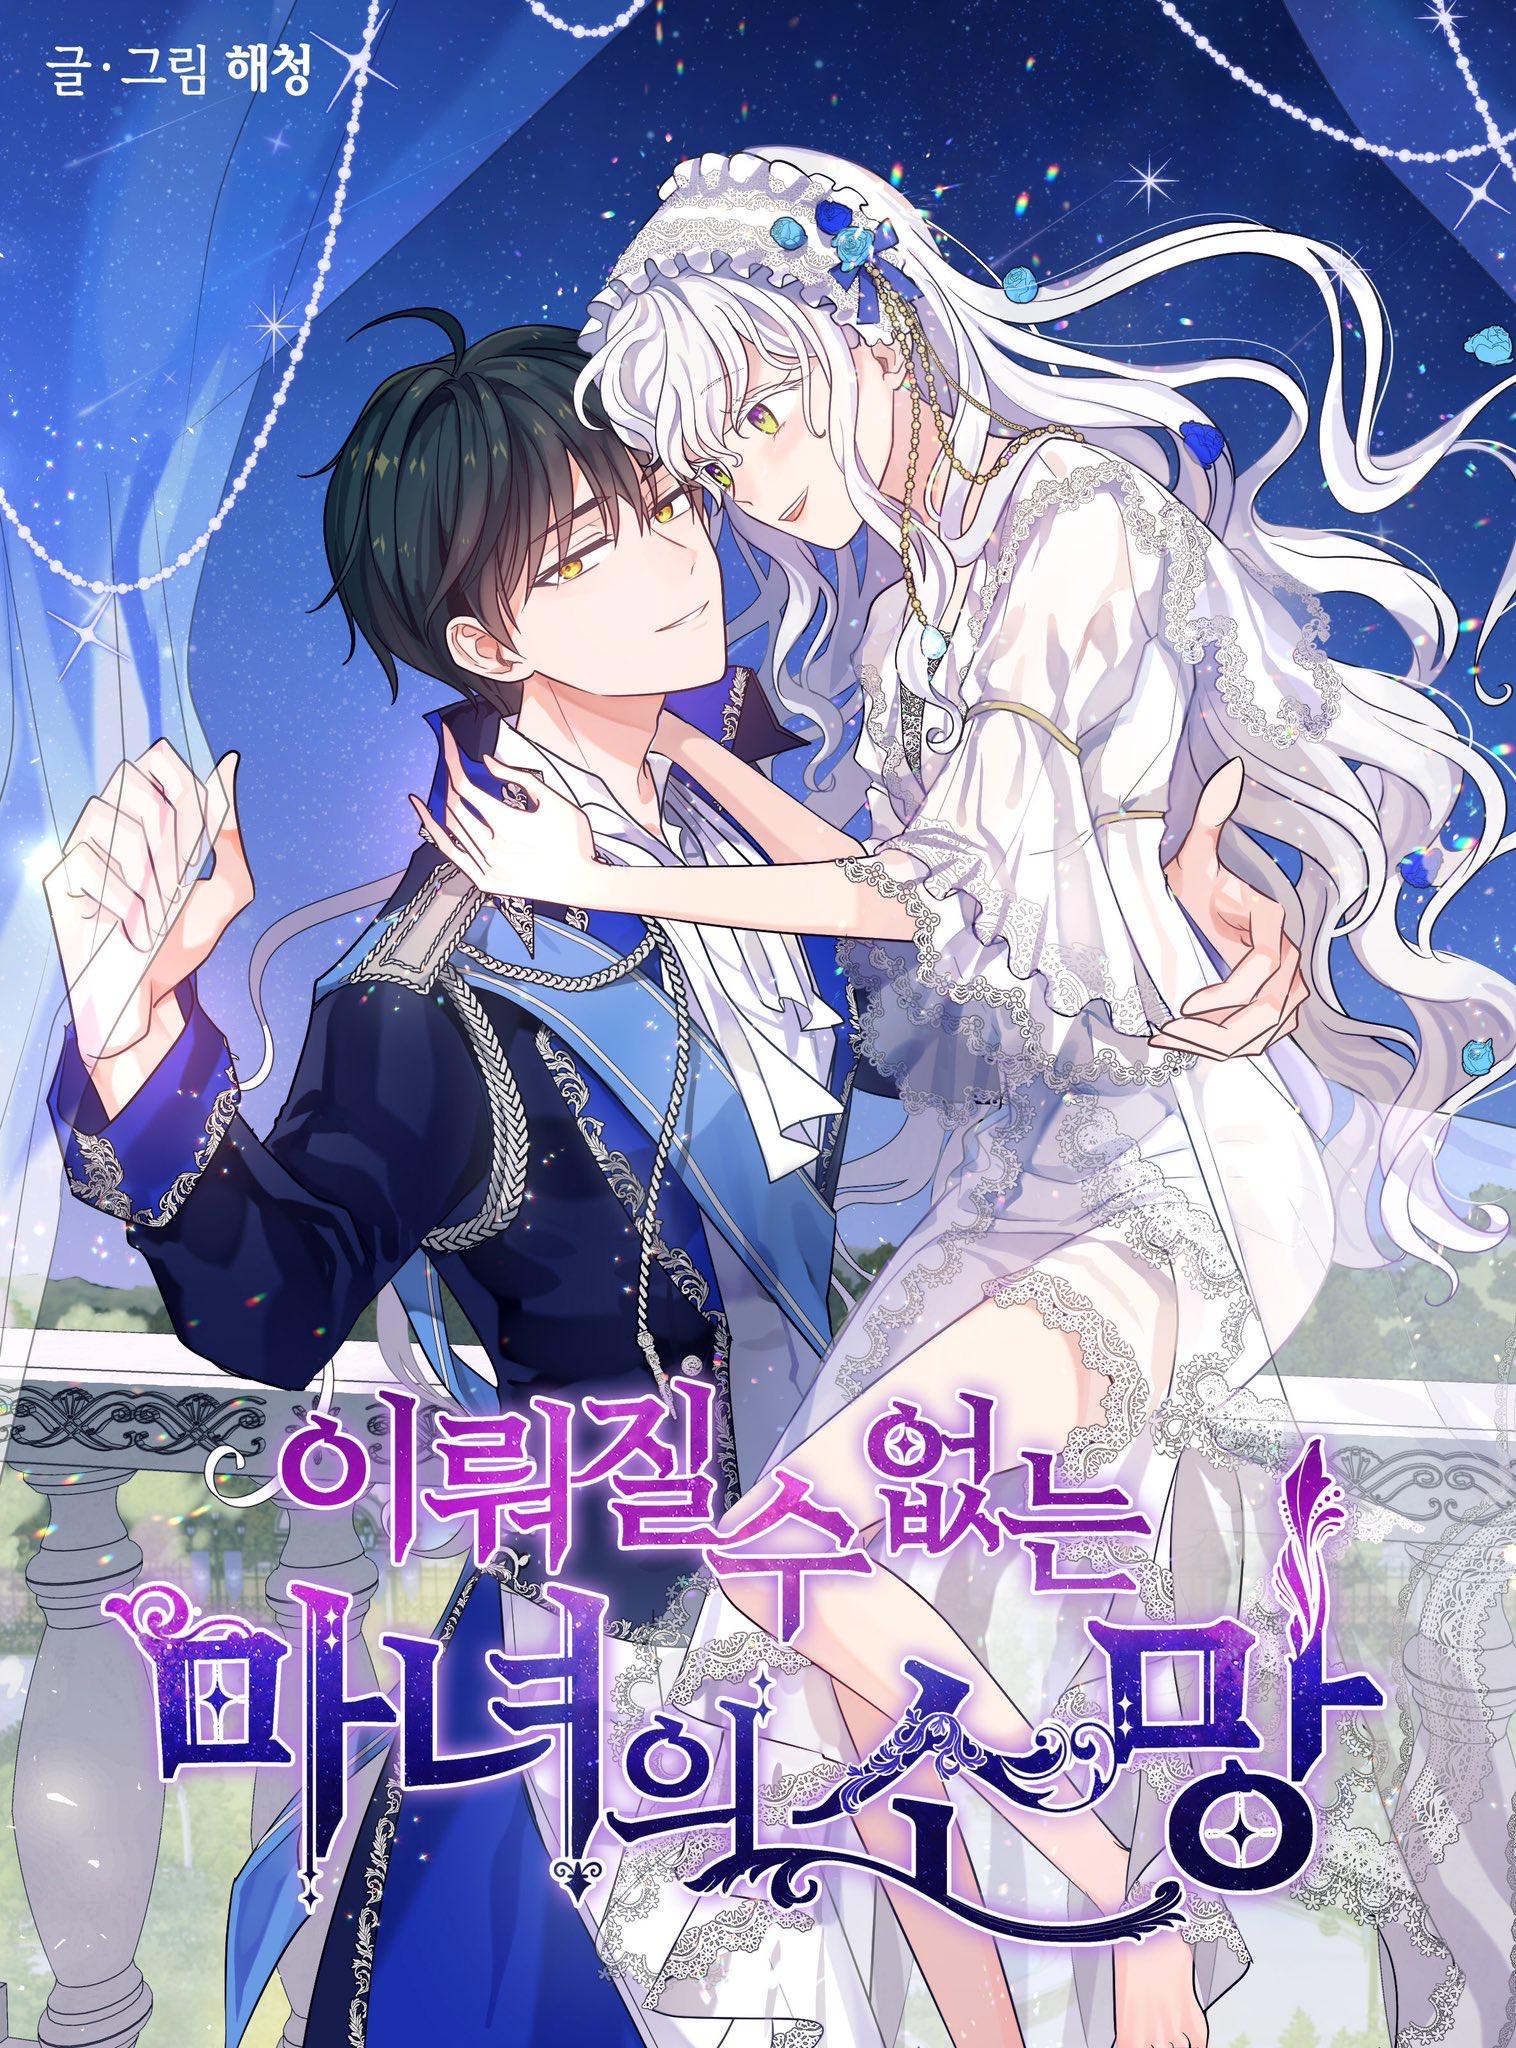 이뤄질 수 없는 마녀의 소망 2 [I'rweojil Su Eobsneun Ma'nyeo'eui So'mang 2] (The Hopeless Desire of a Witch, Season 2)